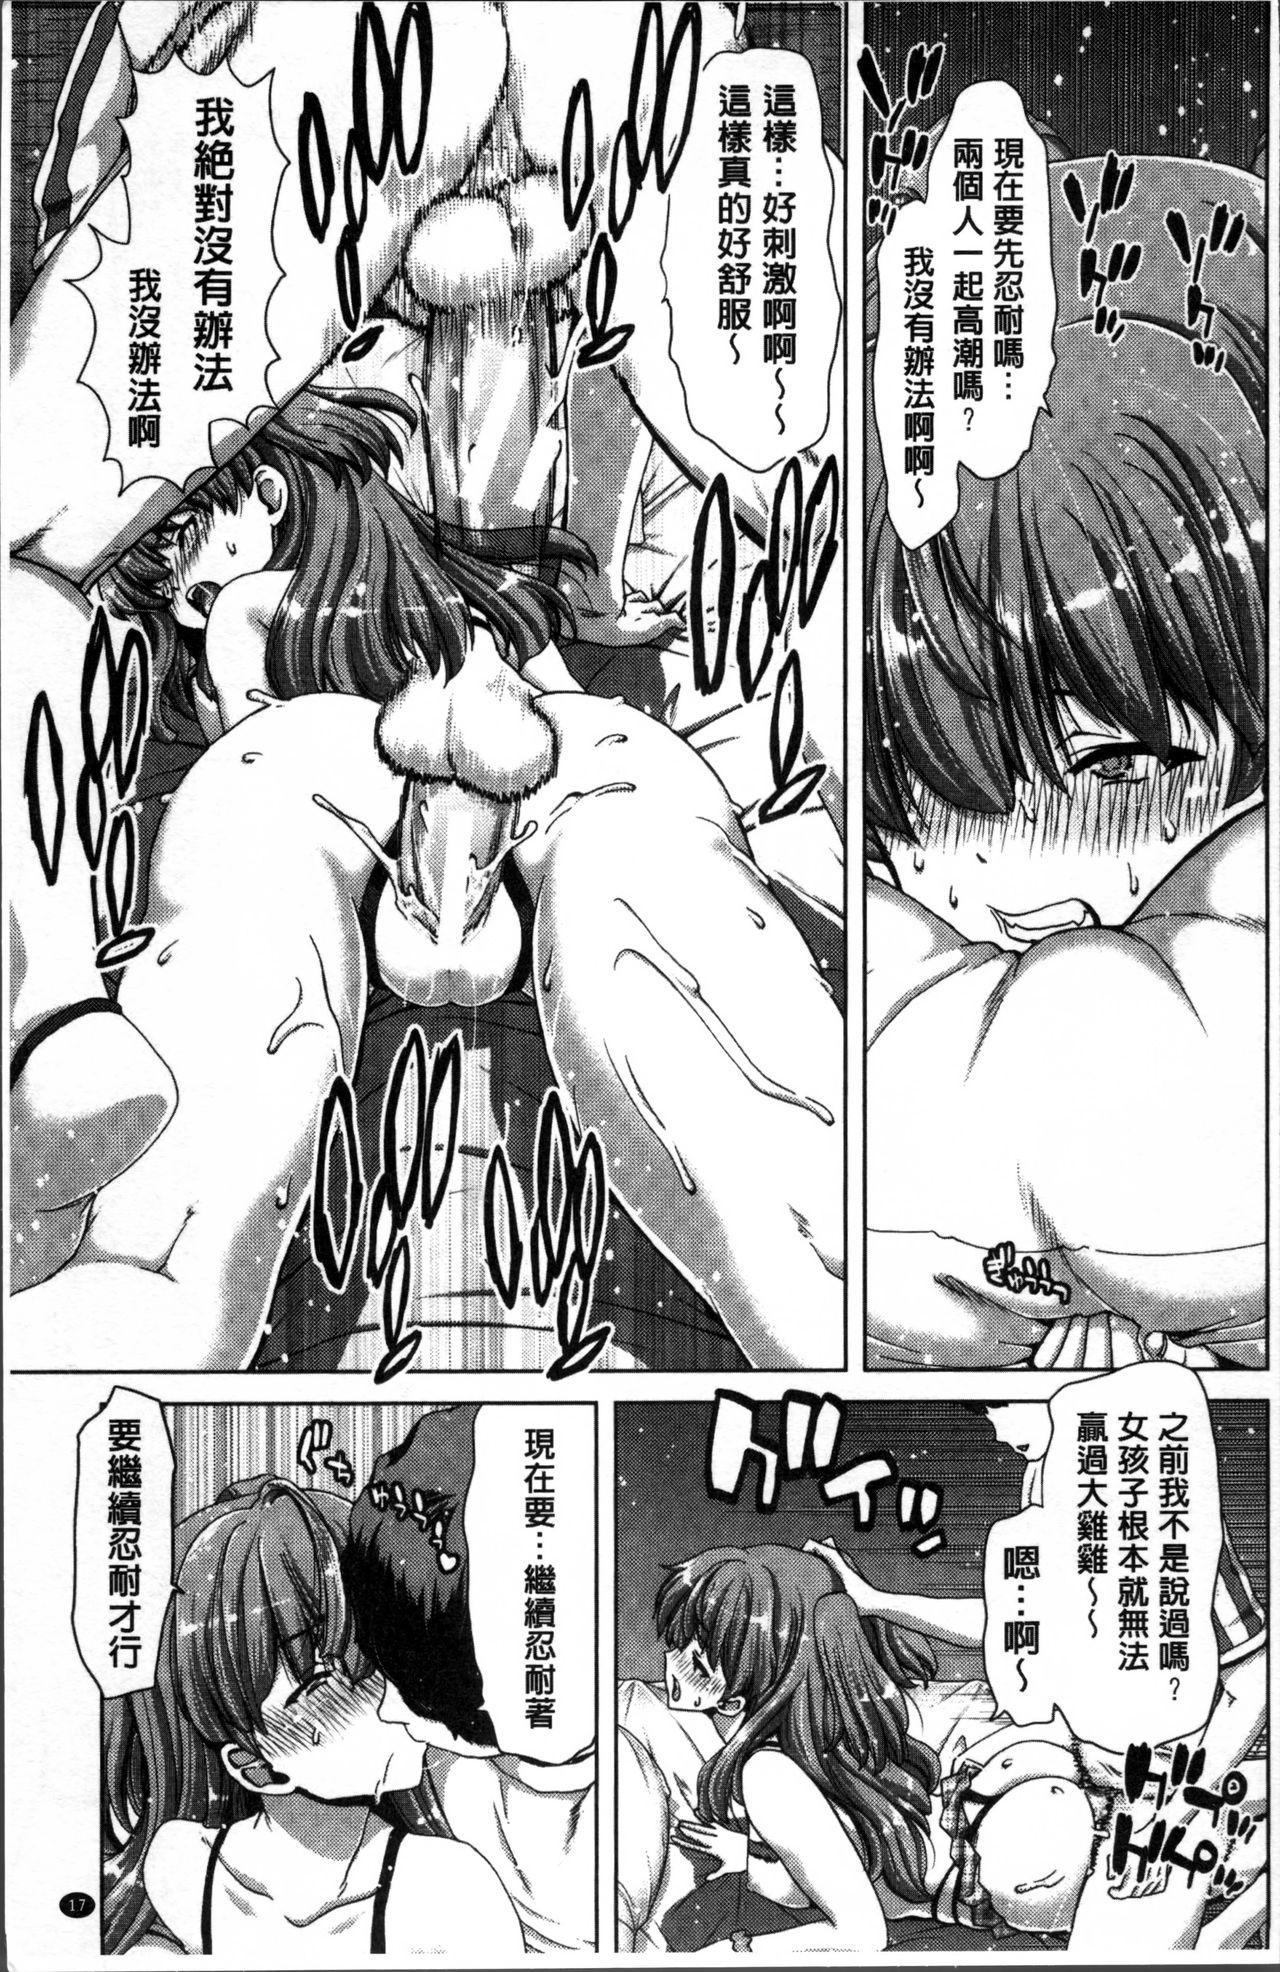 Imouto dakedo Oniichan, H Shiyo! H Shiyo! H Shiyou yo! 21